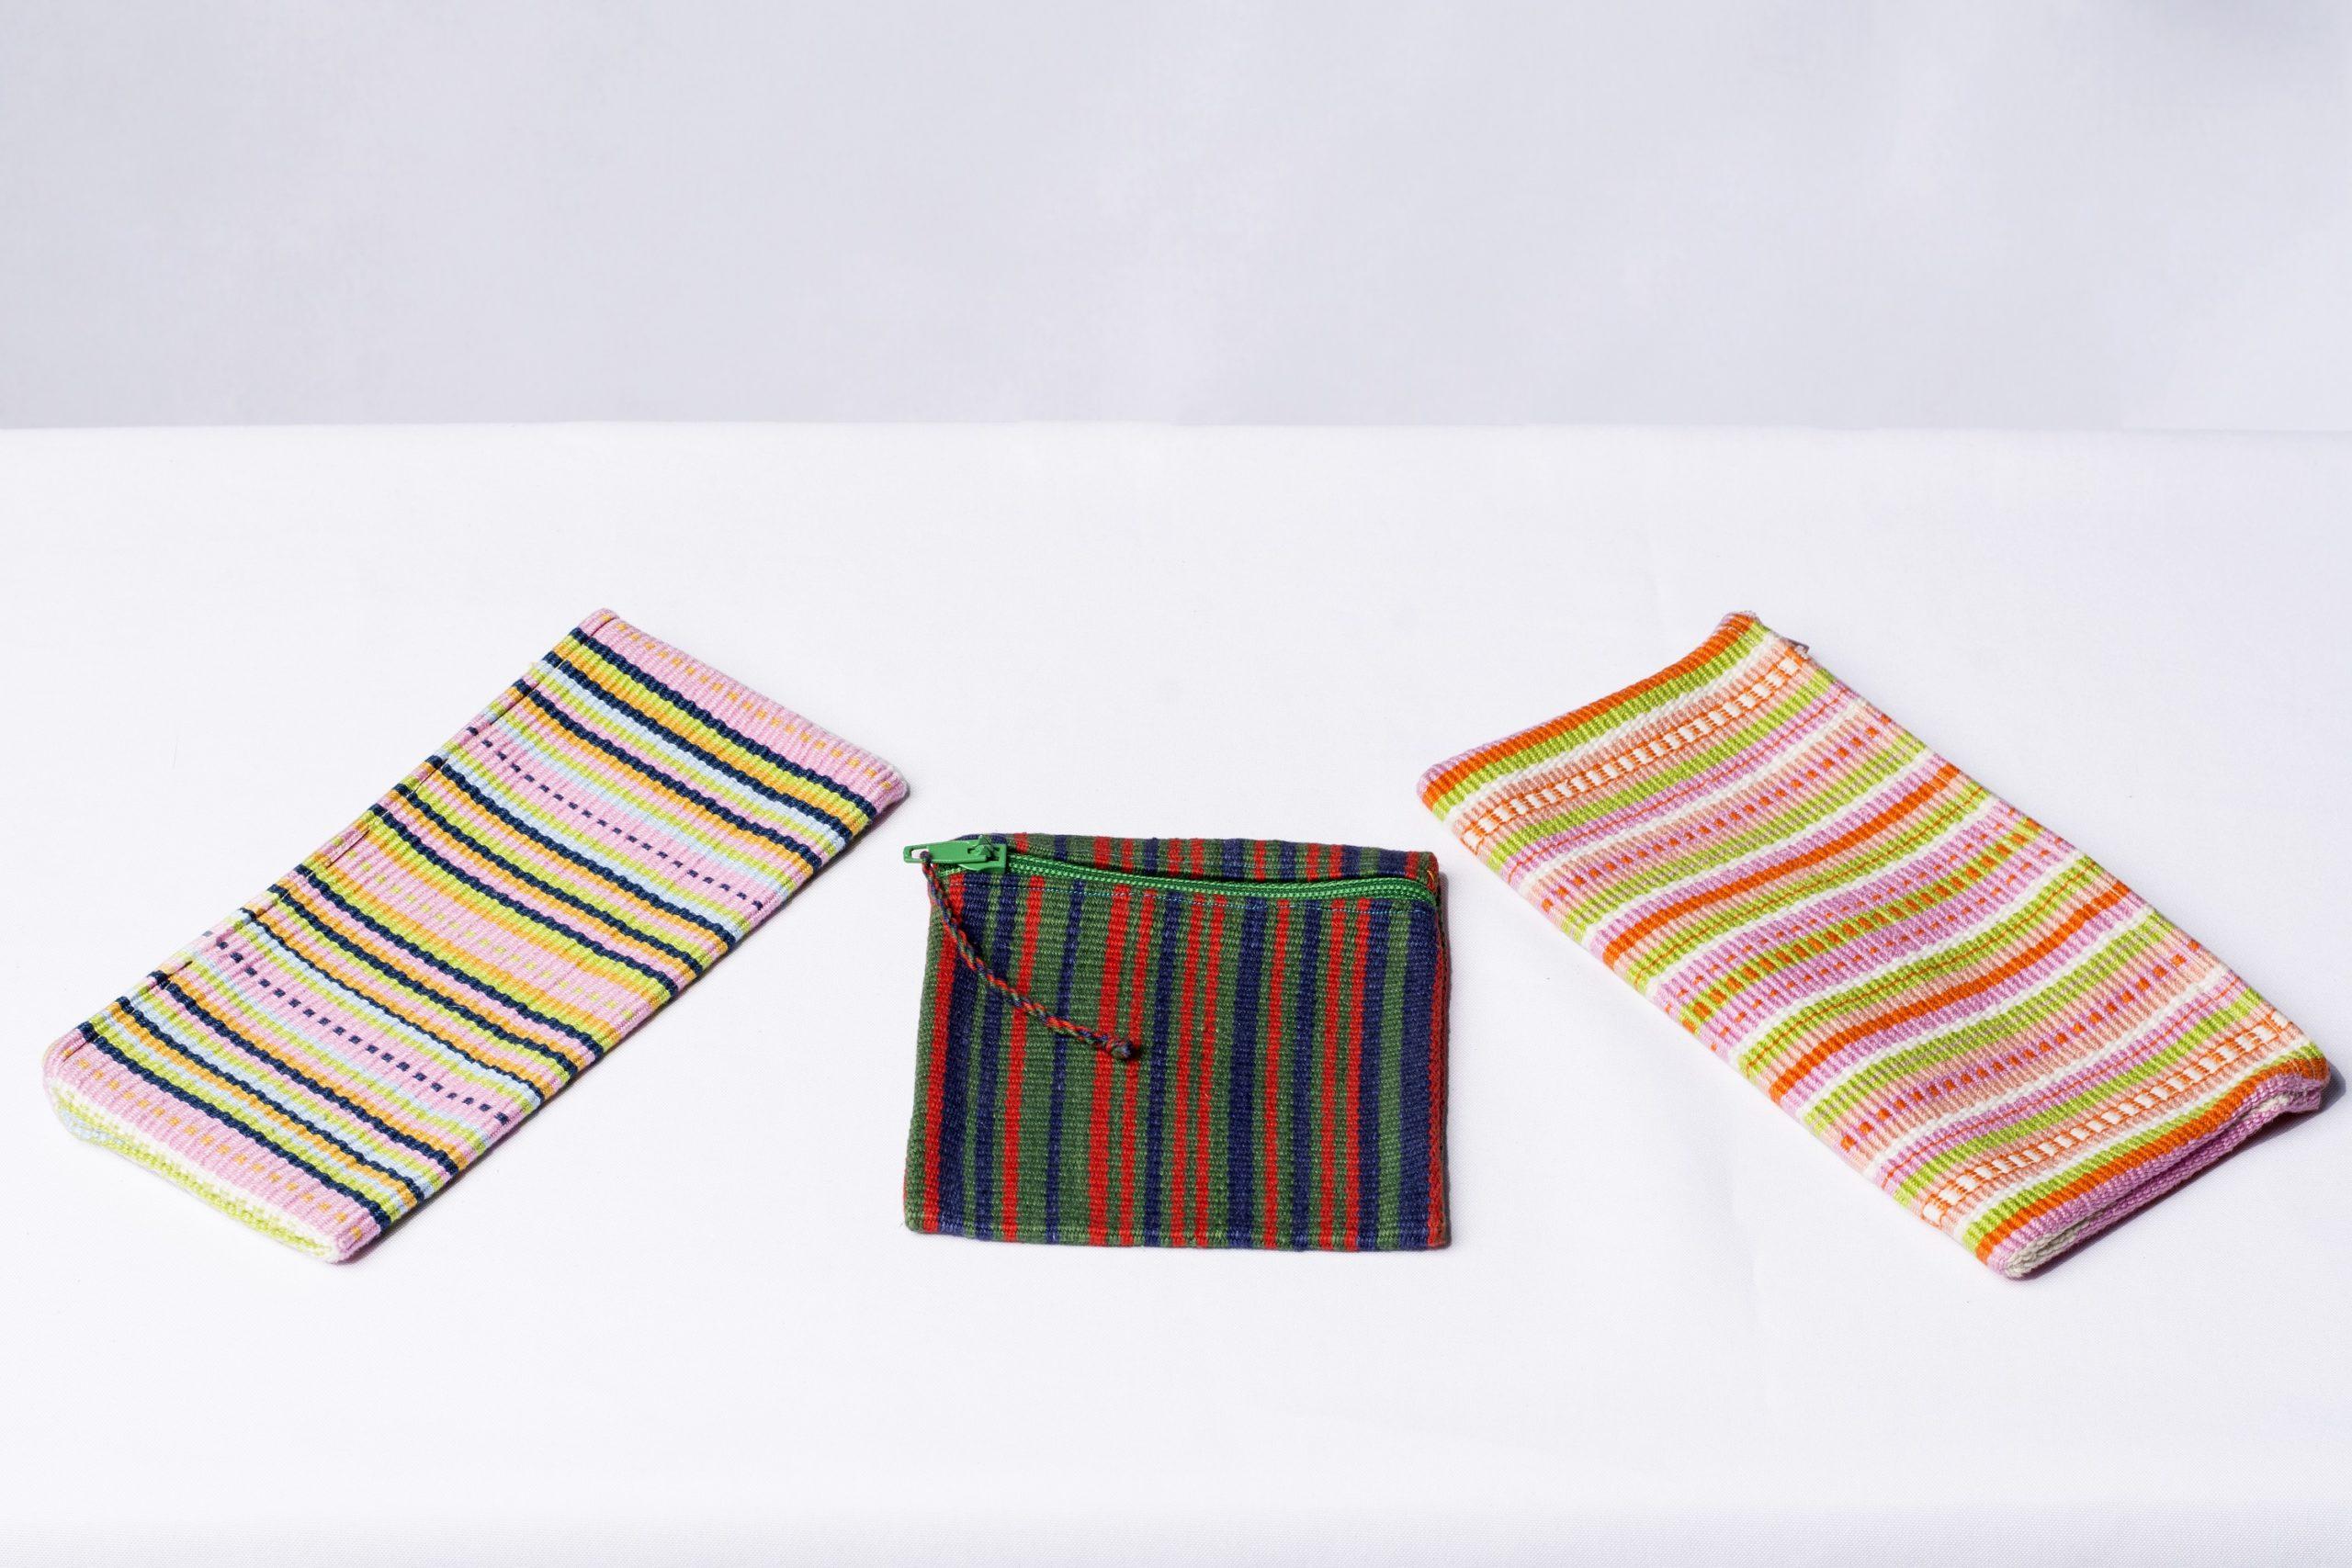 Estuches y monedero (tejido en telar oriental). Material: Hilo de algodón